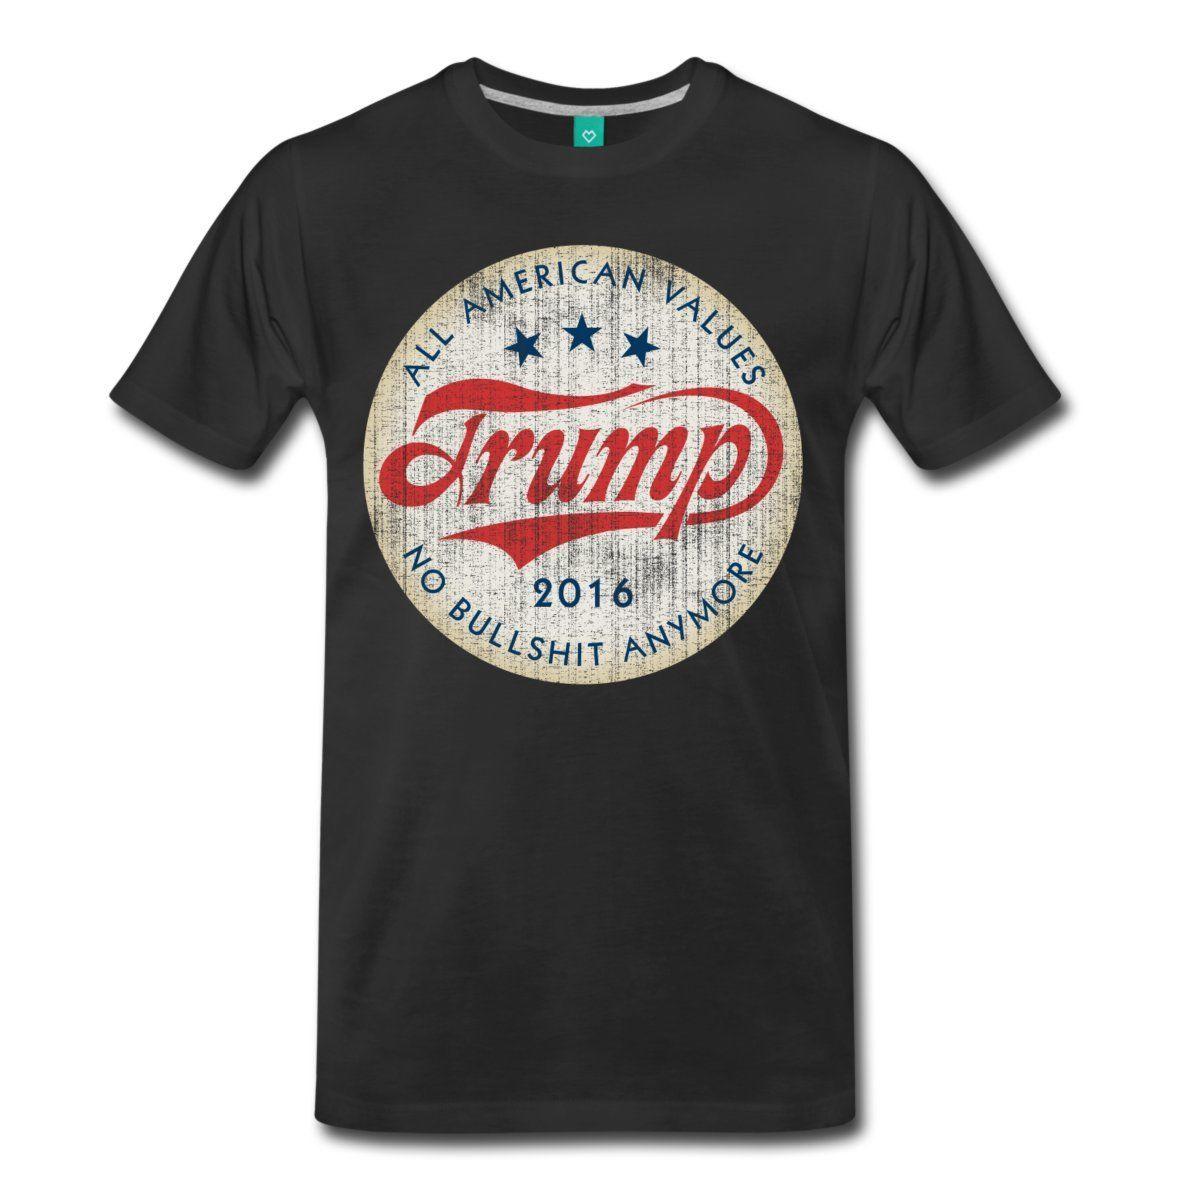 fa58d0fcfd09c6 Трамп 2016 американские ценности лозунг Мужская Премиум Футболка 2018  горячая Распродажа супер модная новая футболка весна